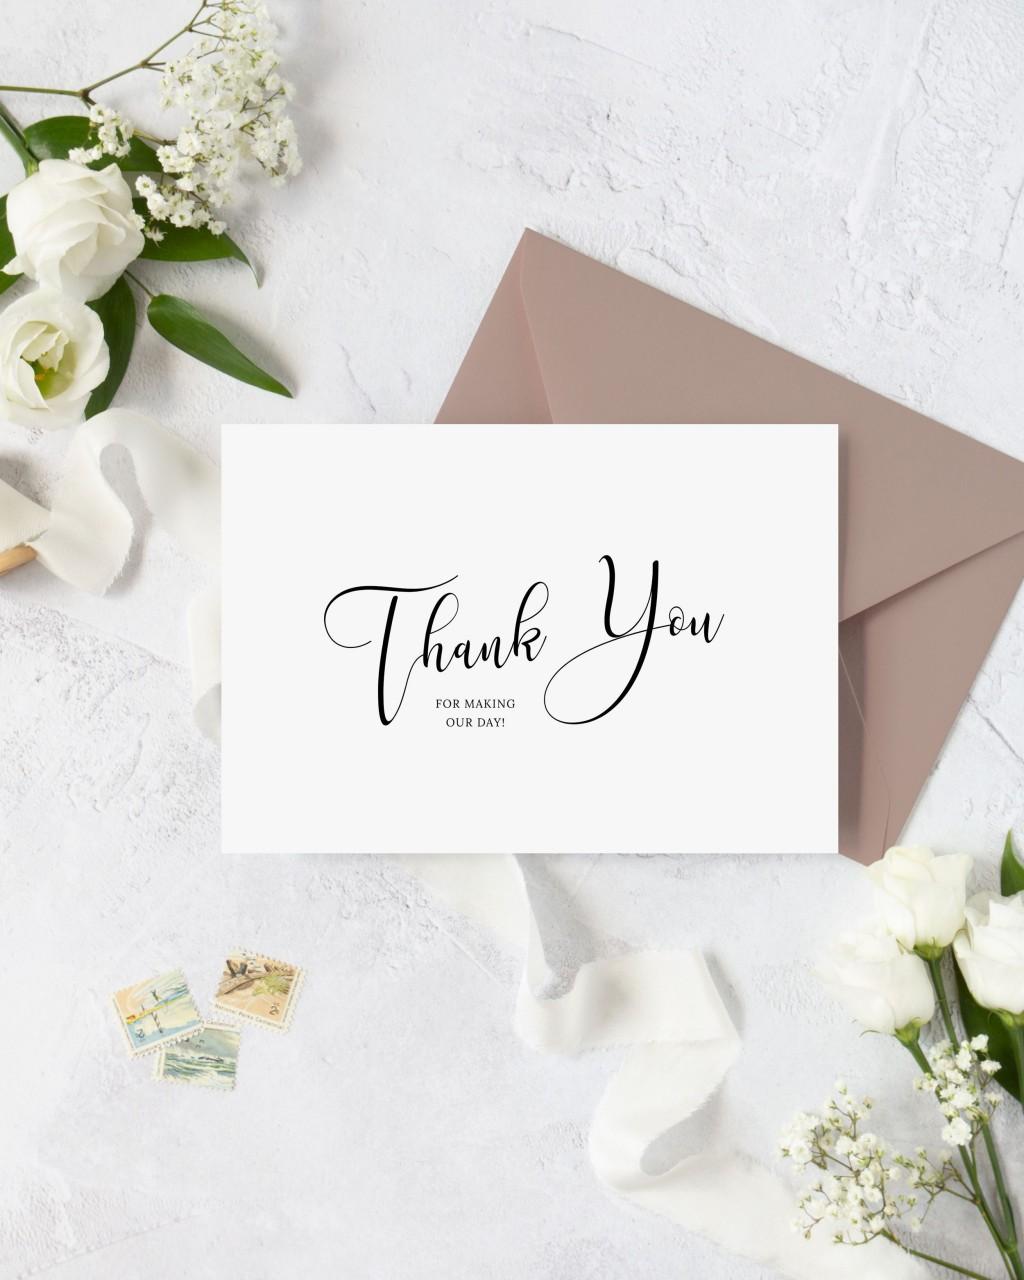 001 Singular Diy Wedding Thank You Card Template Inspiration  TemplatesLarge